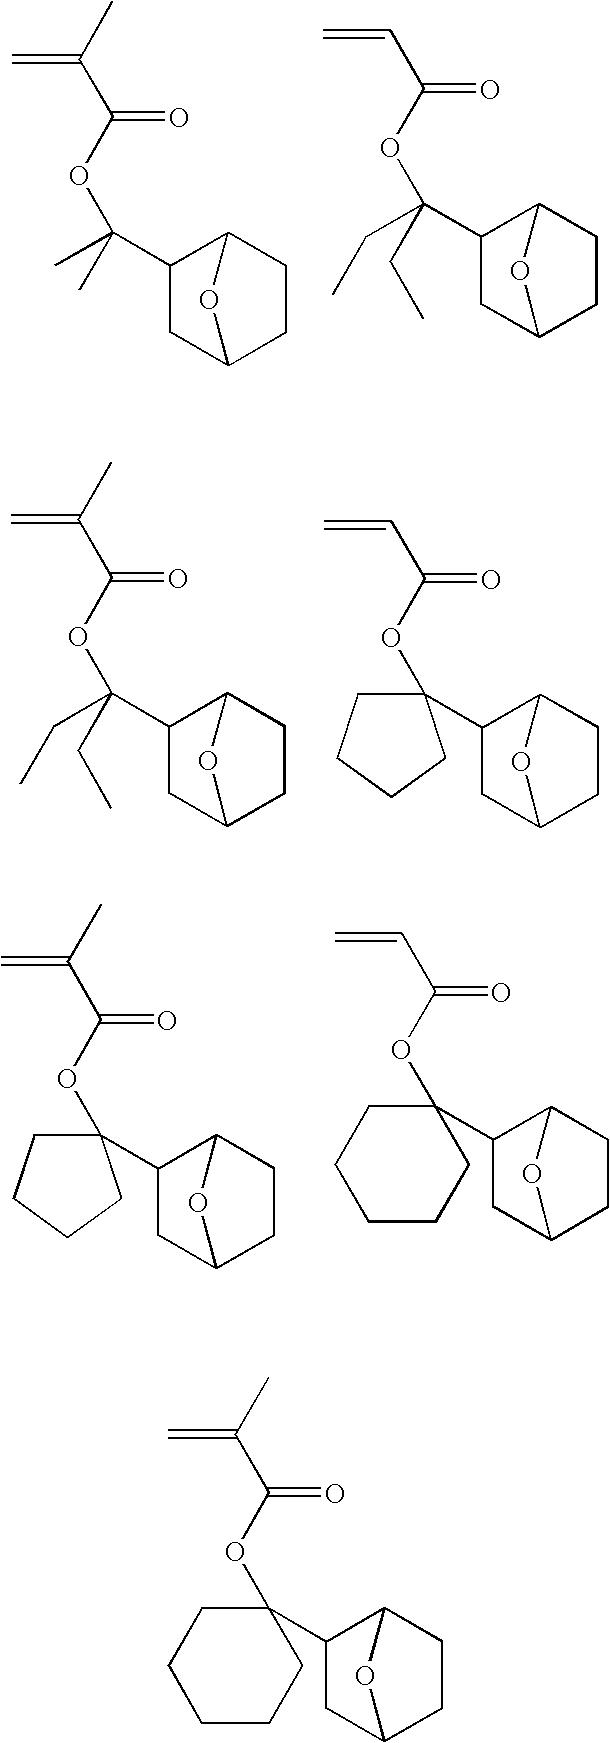 Figure US20100178617A1-20100715-C00030